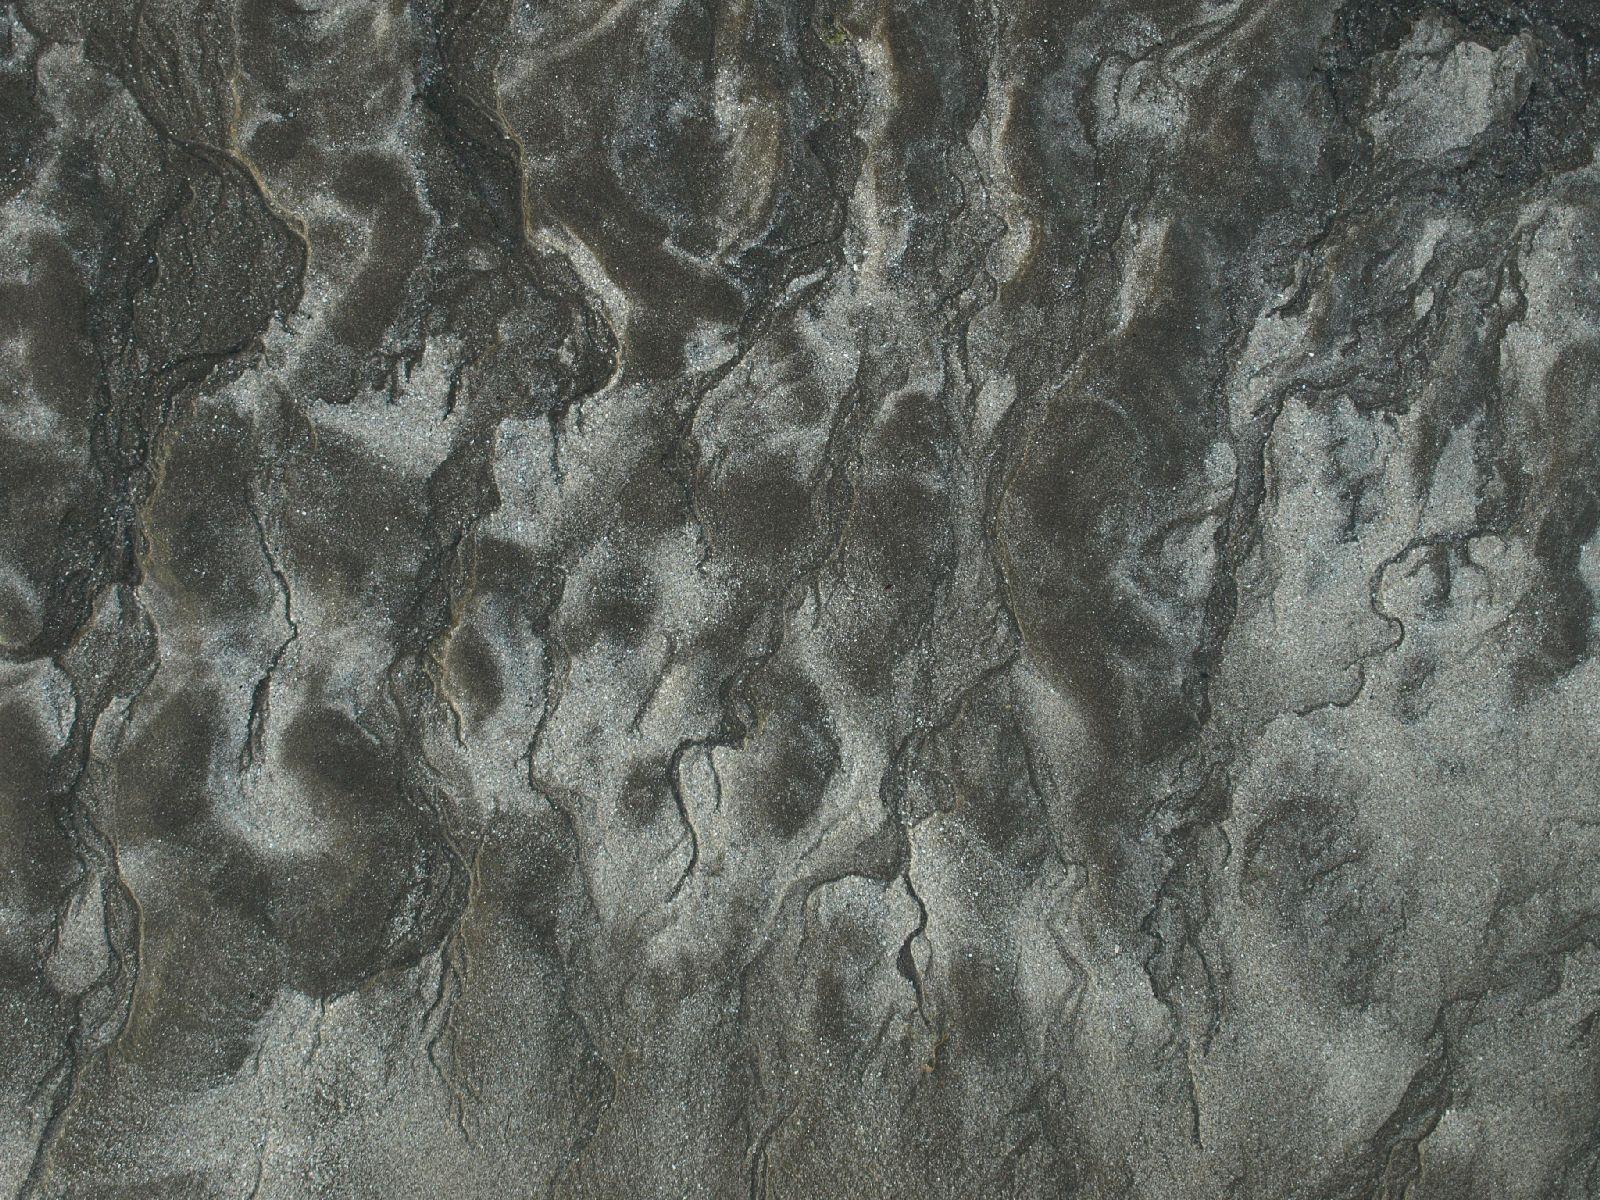 Boden-Erde-Steine_Textur_A_P5254981